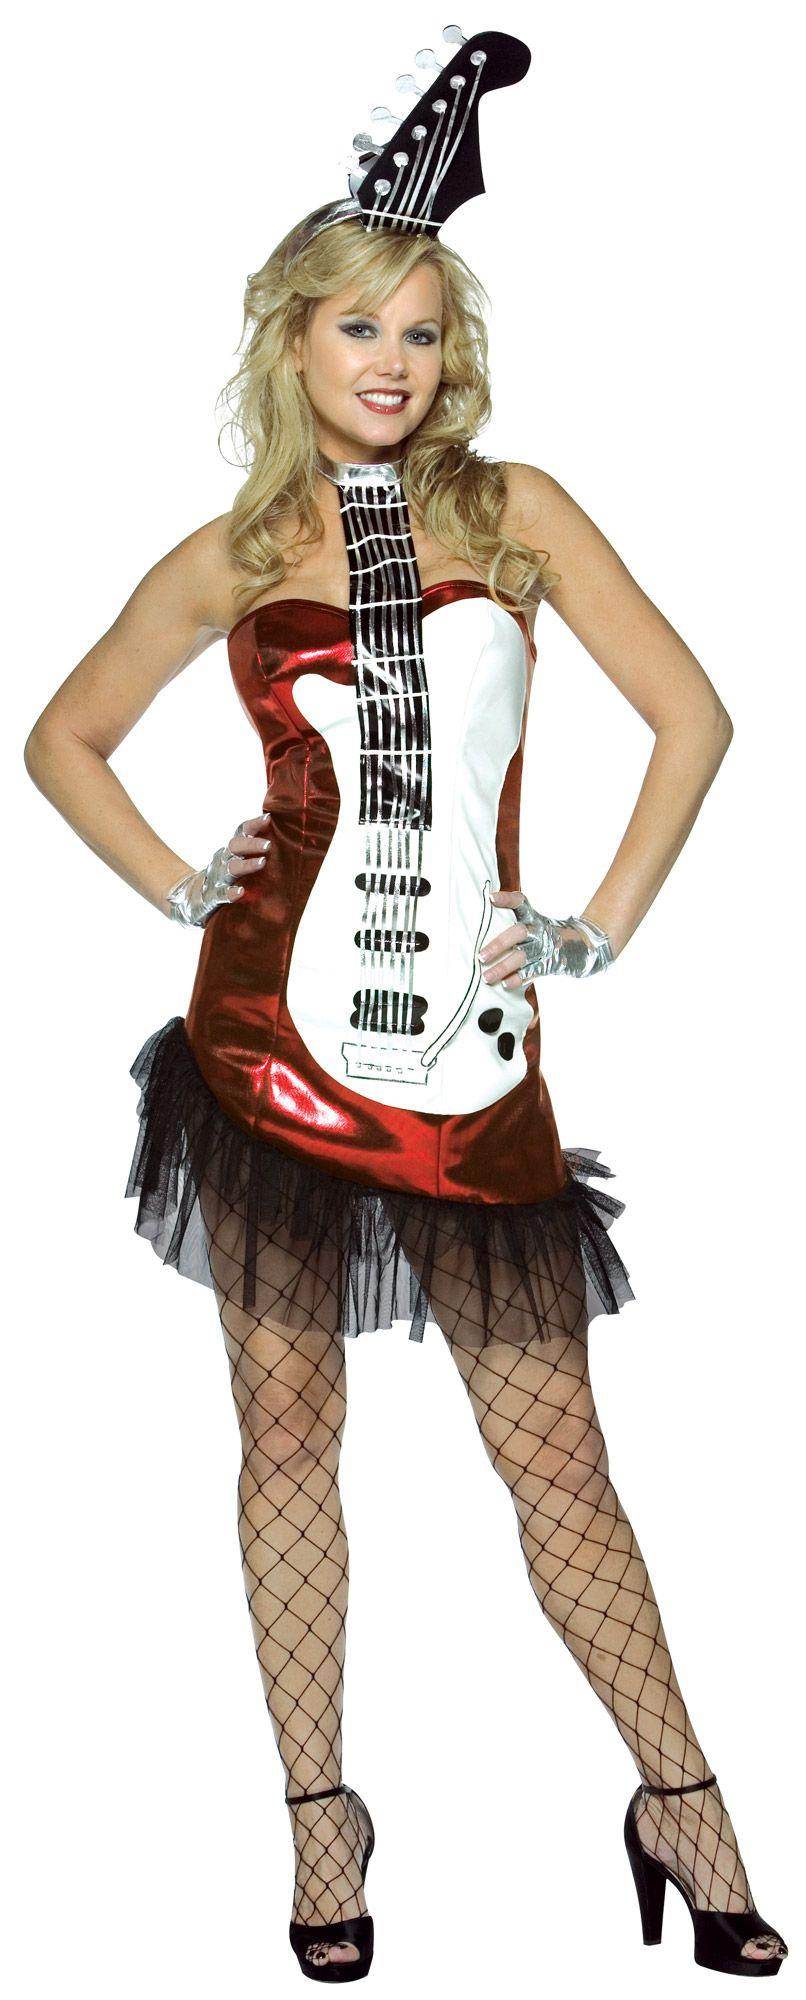 8ad77f361 Música maestro! Disfraz de guitarra para chica. Disponible en www ...